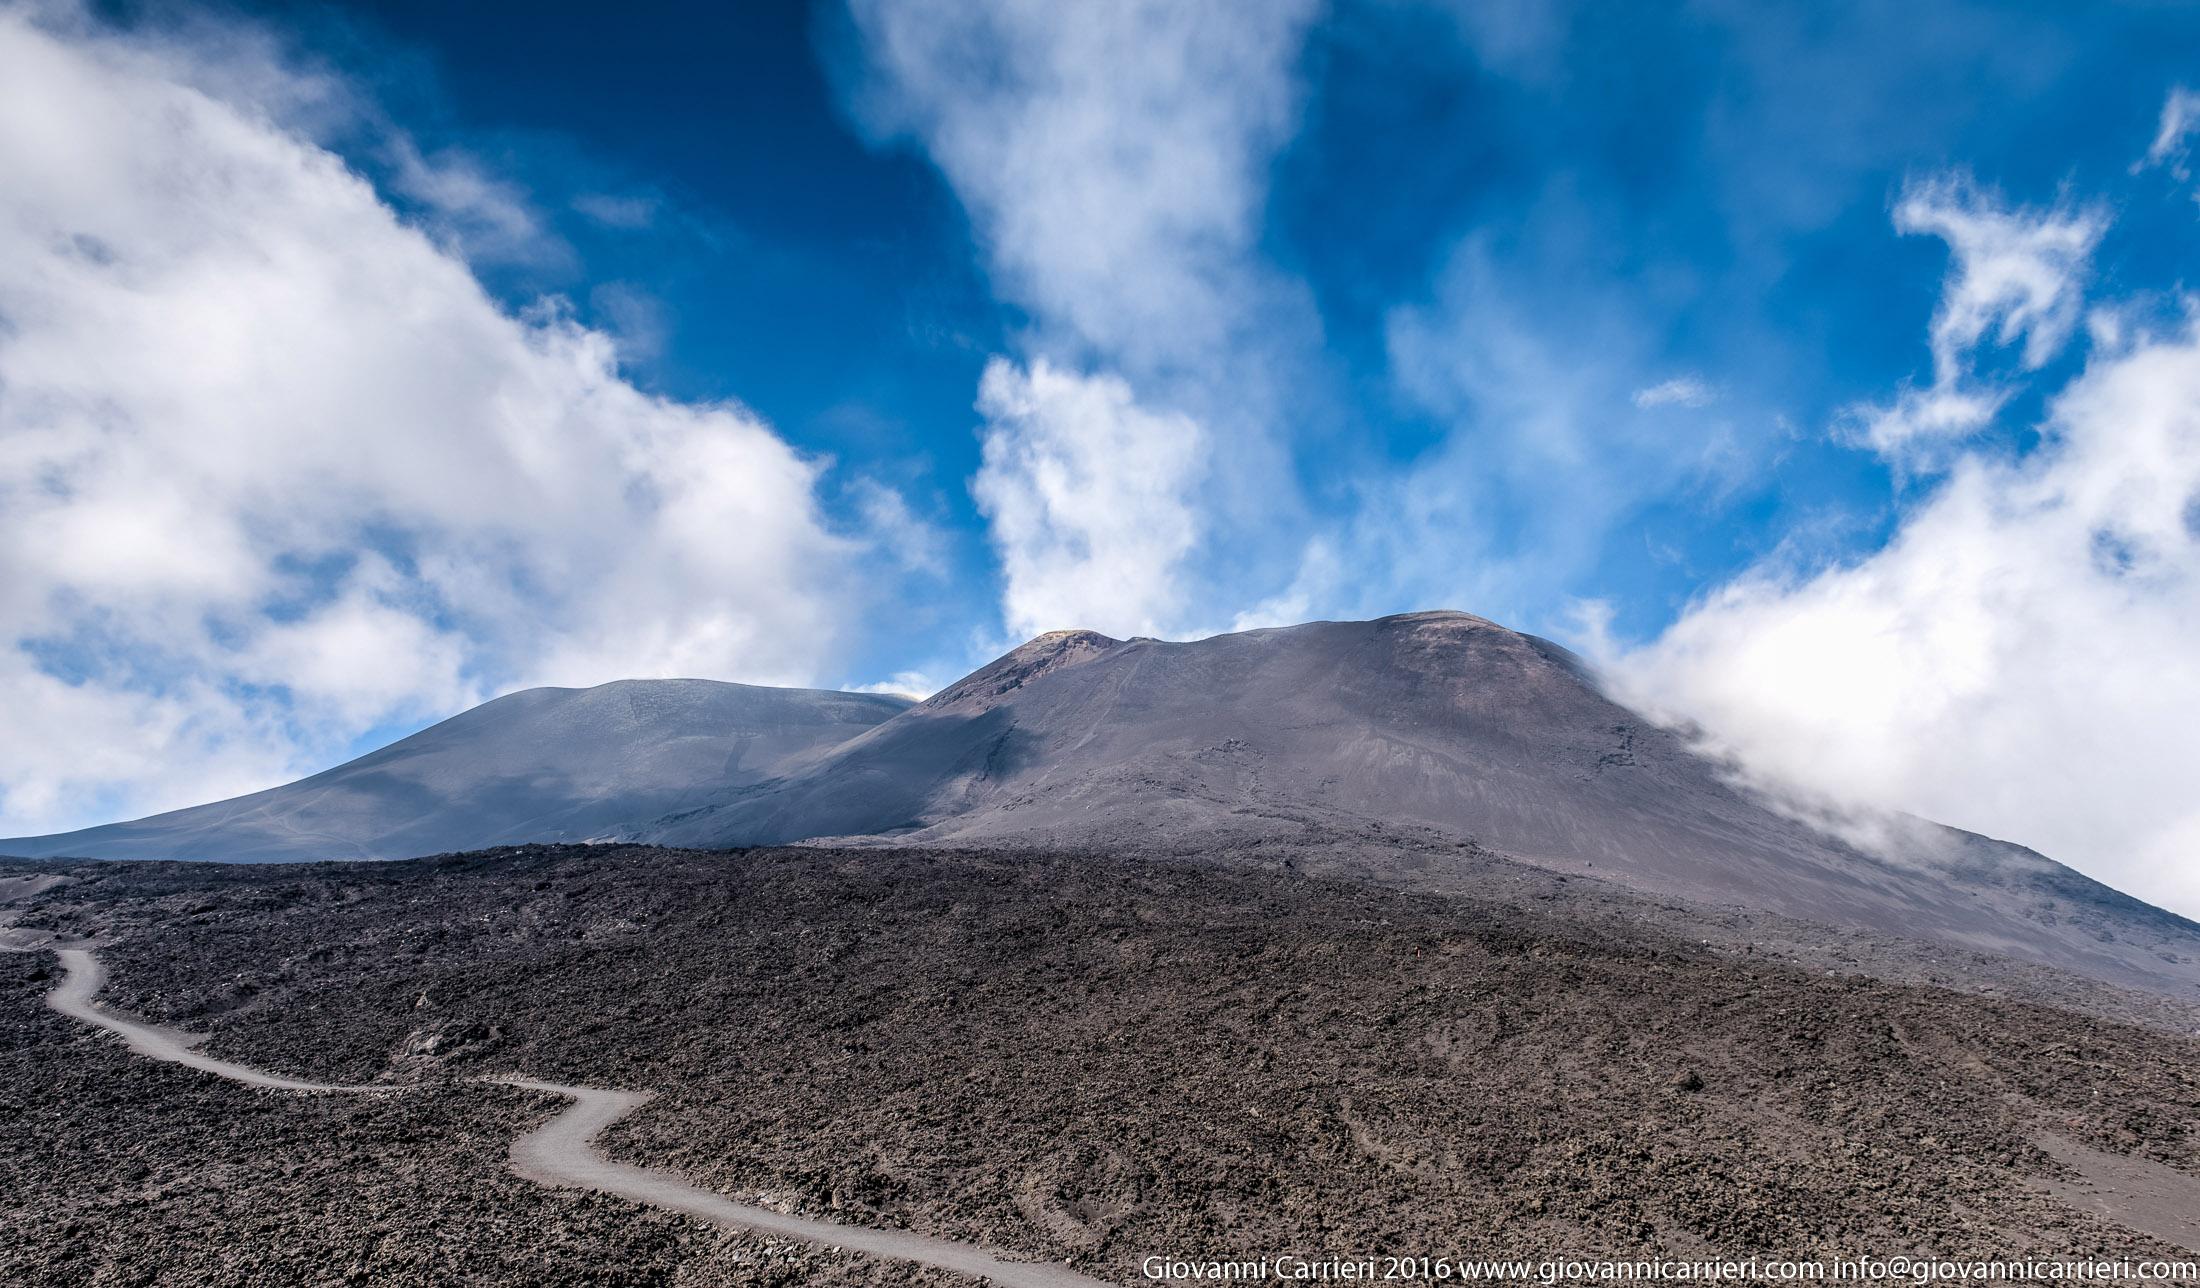 La vetta dell'Etna